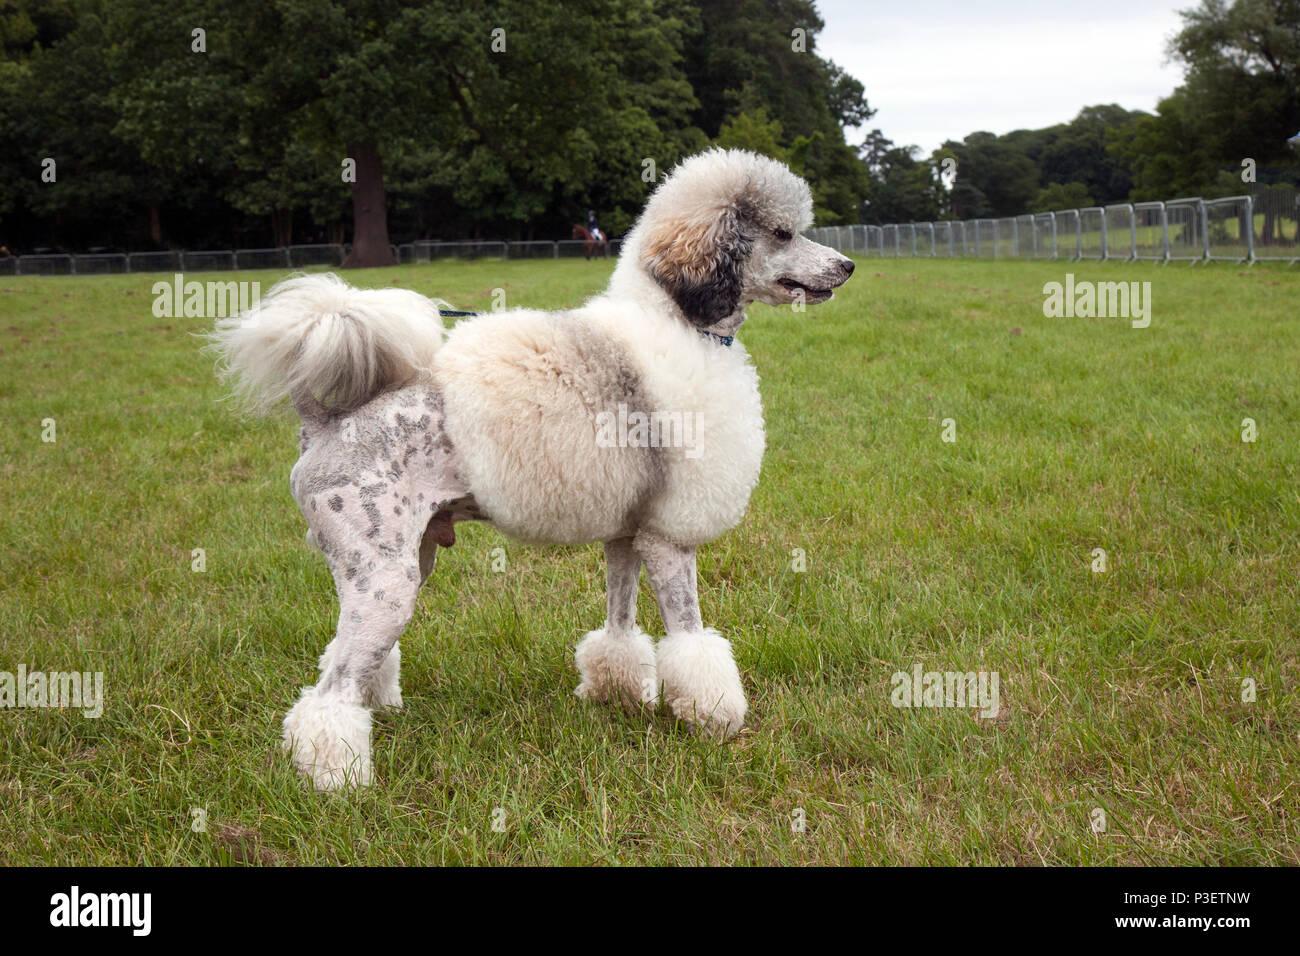 Poodle Trim Stock Photos Poodle Trim Stock Images Alamy